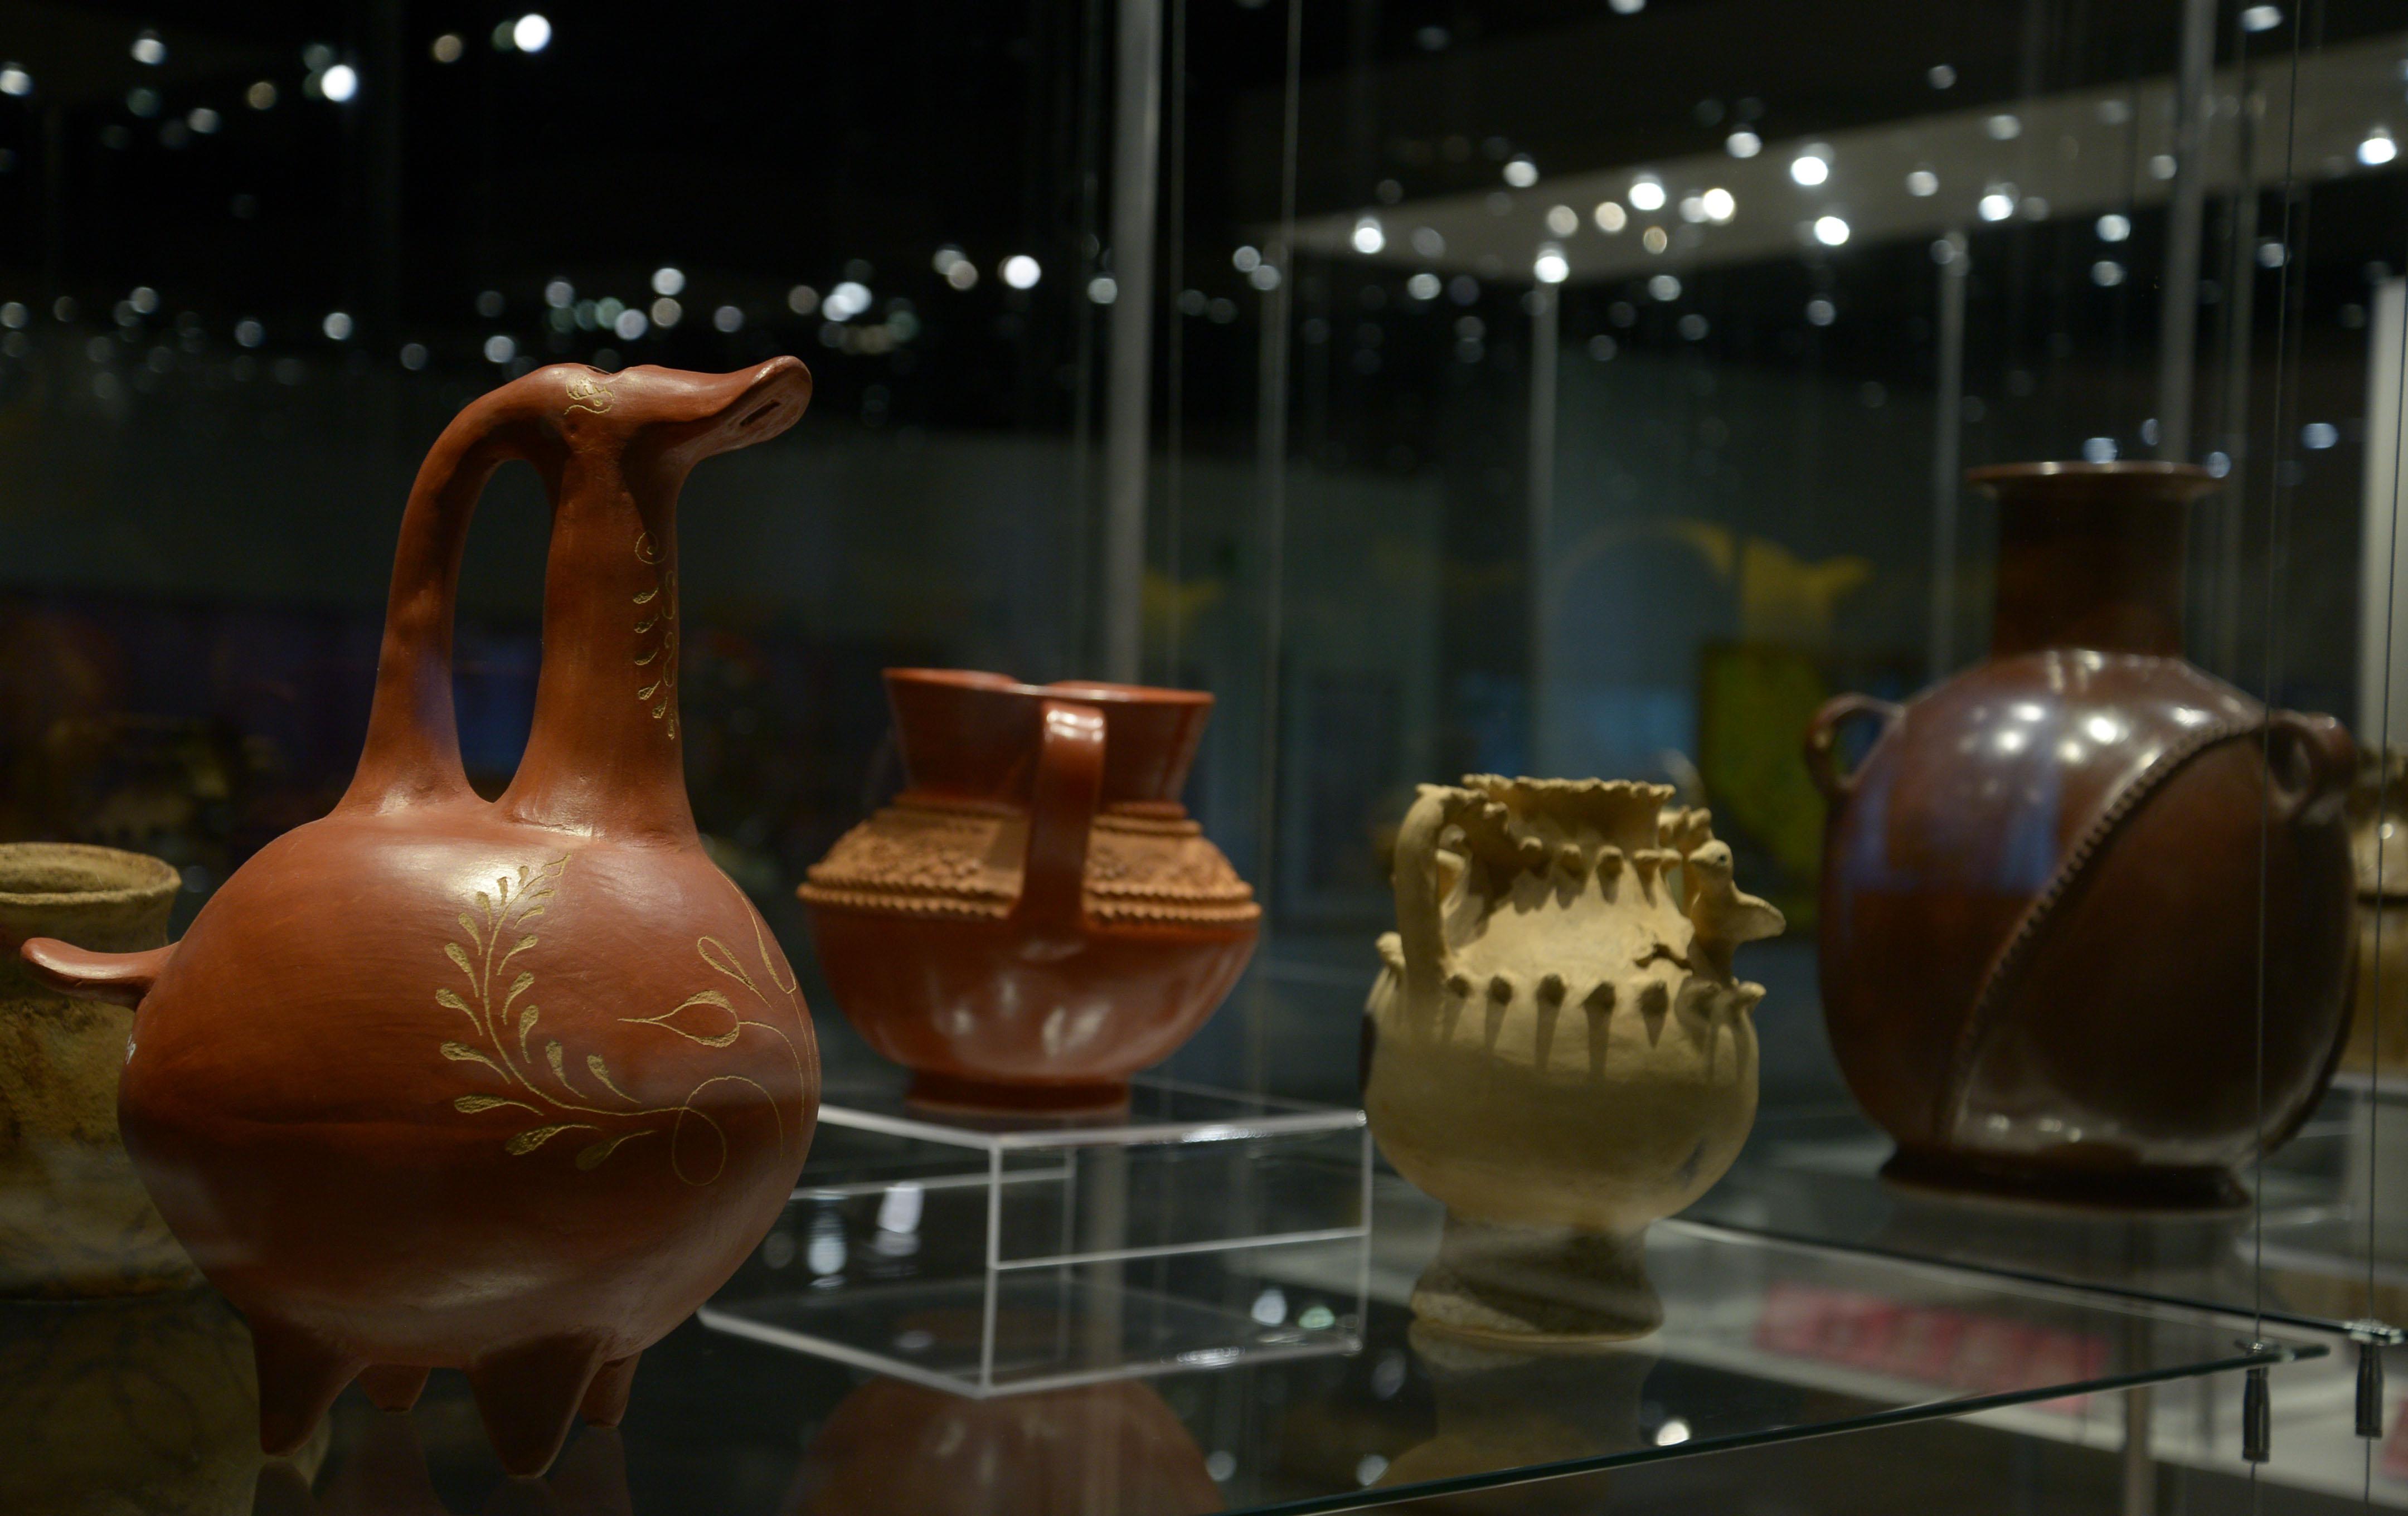 Inauguración de la exposición: México Megadiverso, Culturas Indígenas Contemporáneas y presentación de la monografía Chichimeca Jonaces